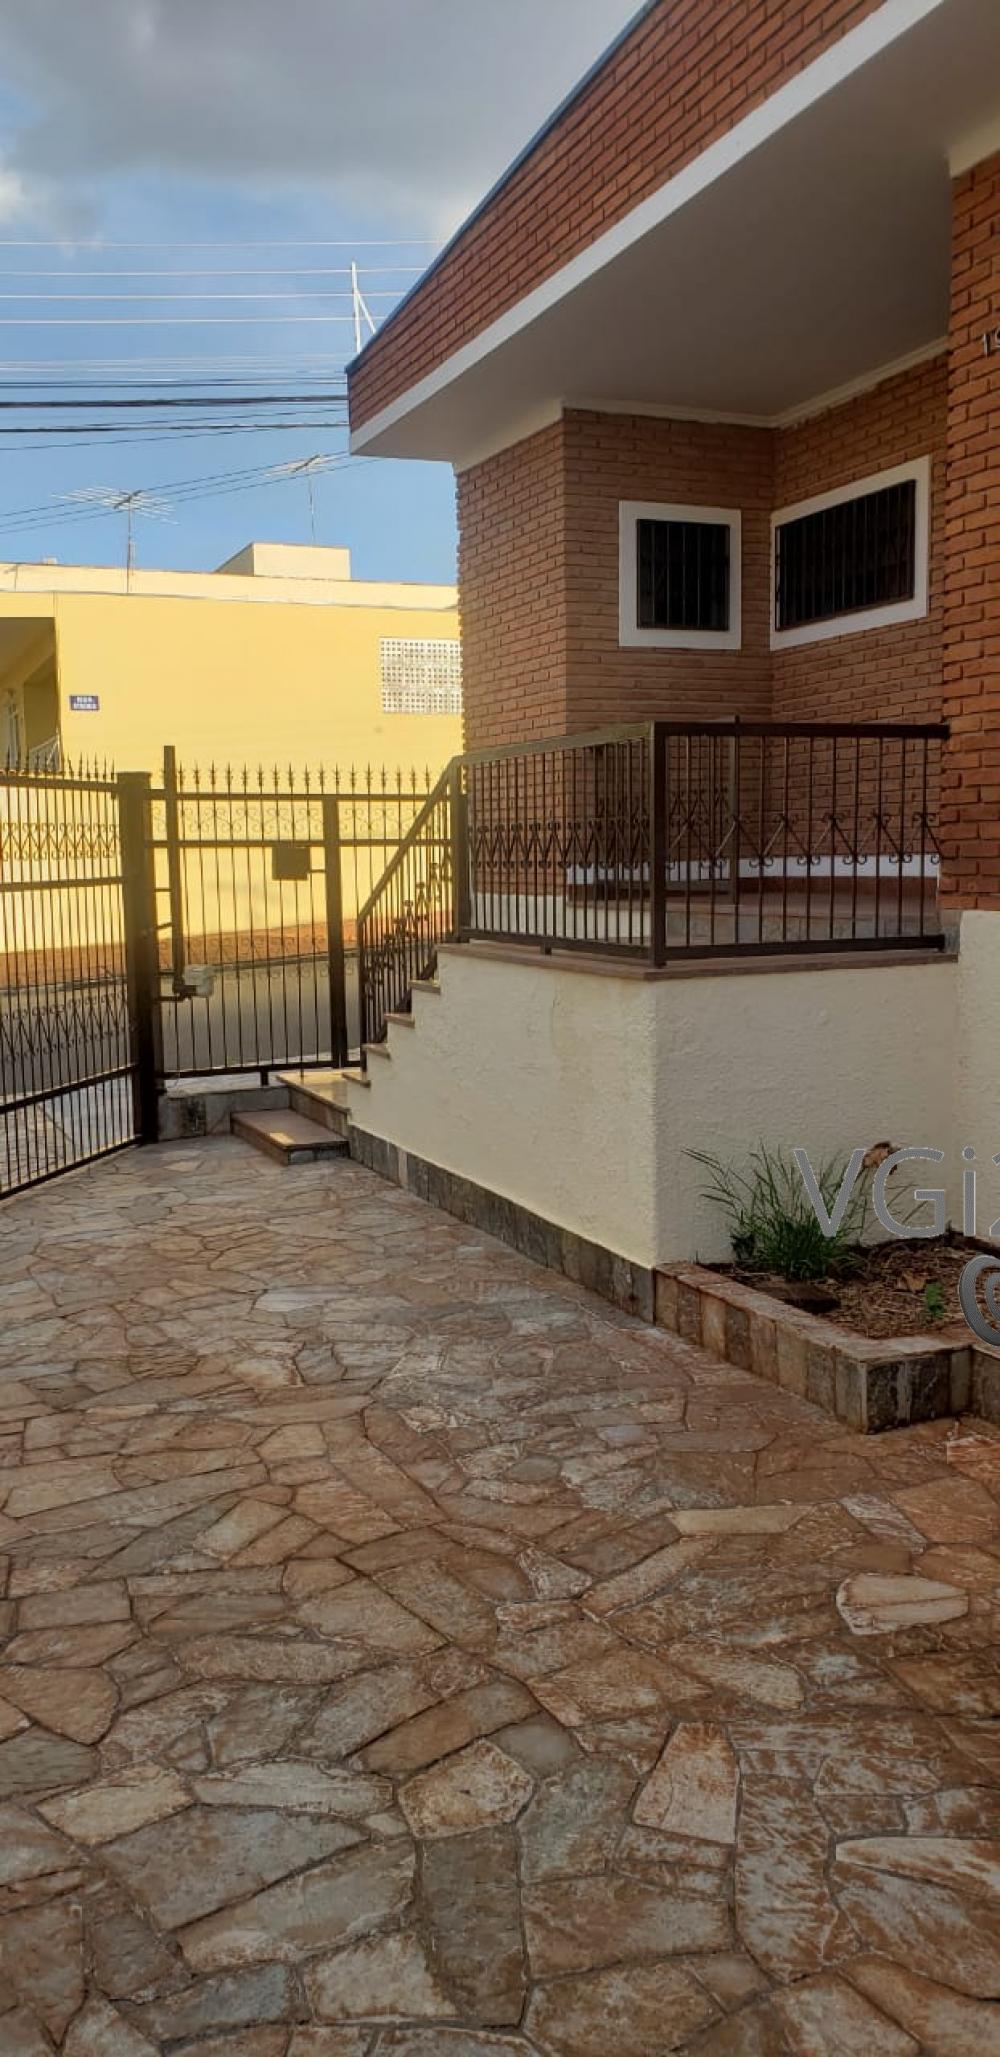 Comprar Casa / Padrão em Ribeirão Preto R$ 435.000,00 - Foto 3